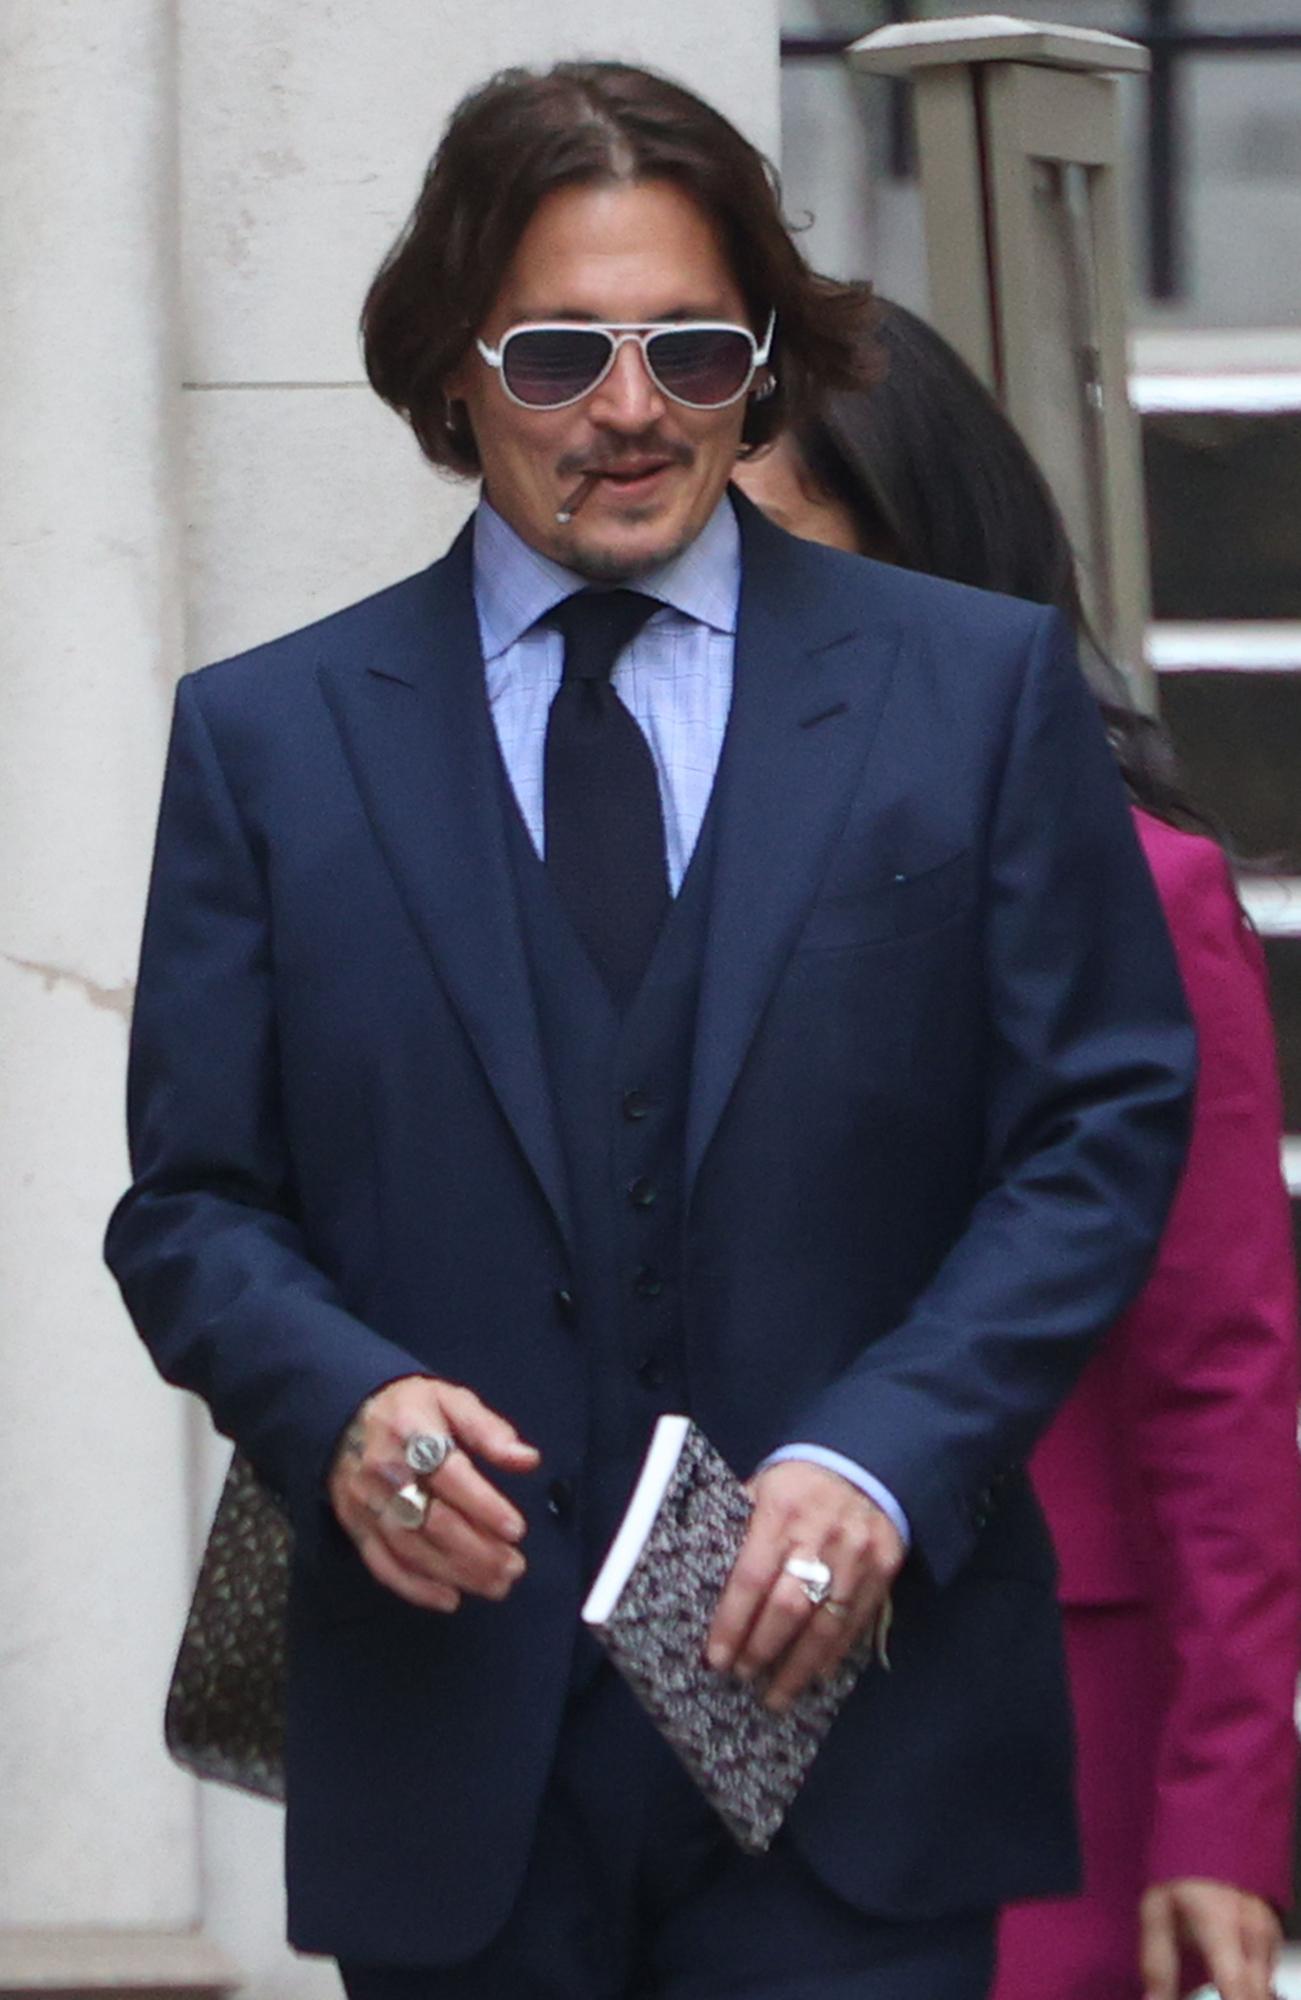 Johnny Depp Lied